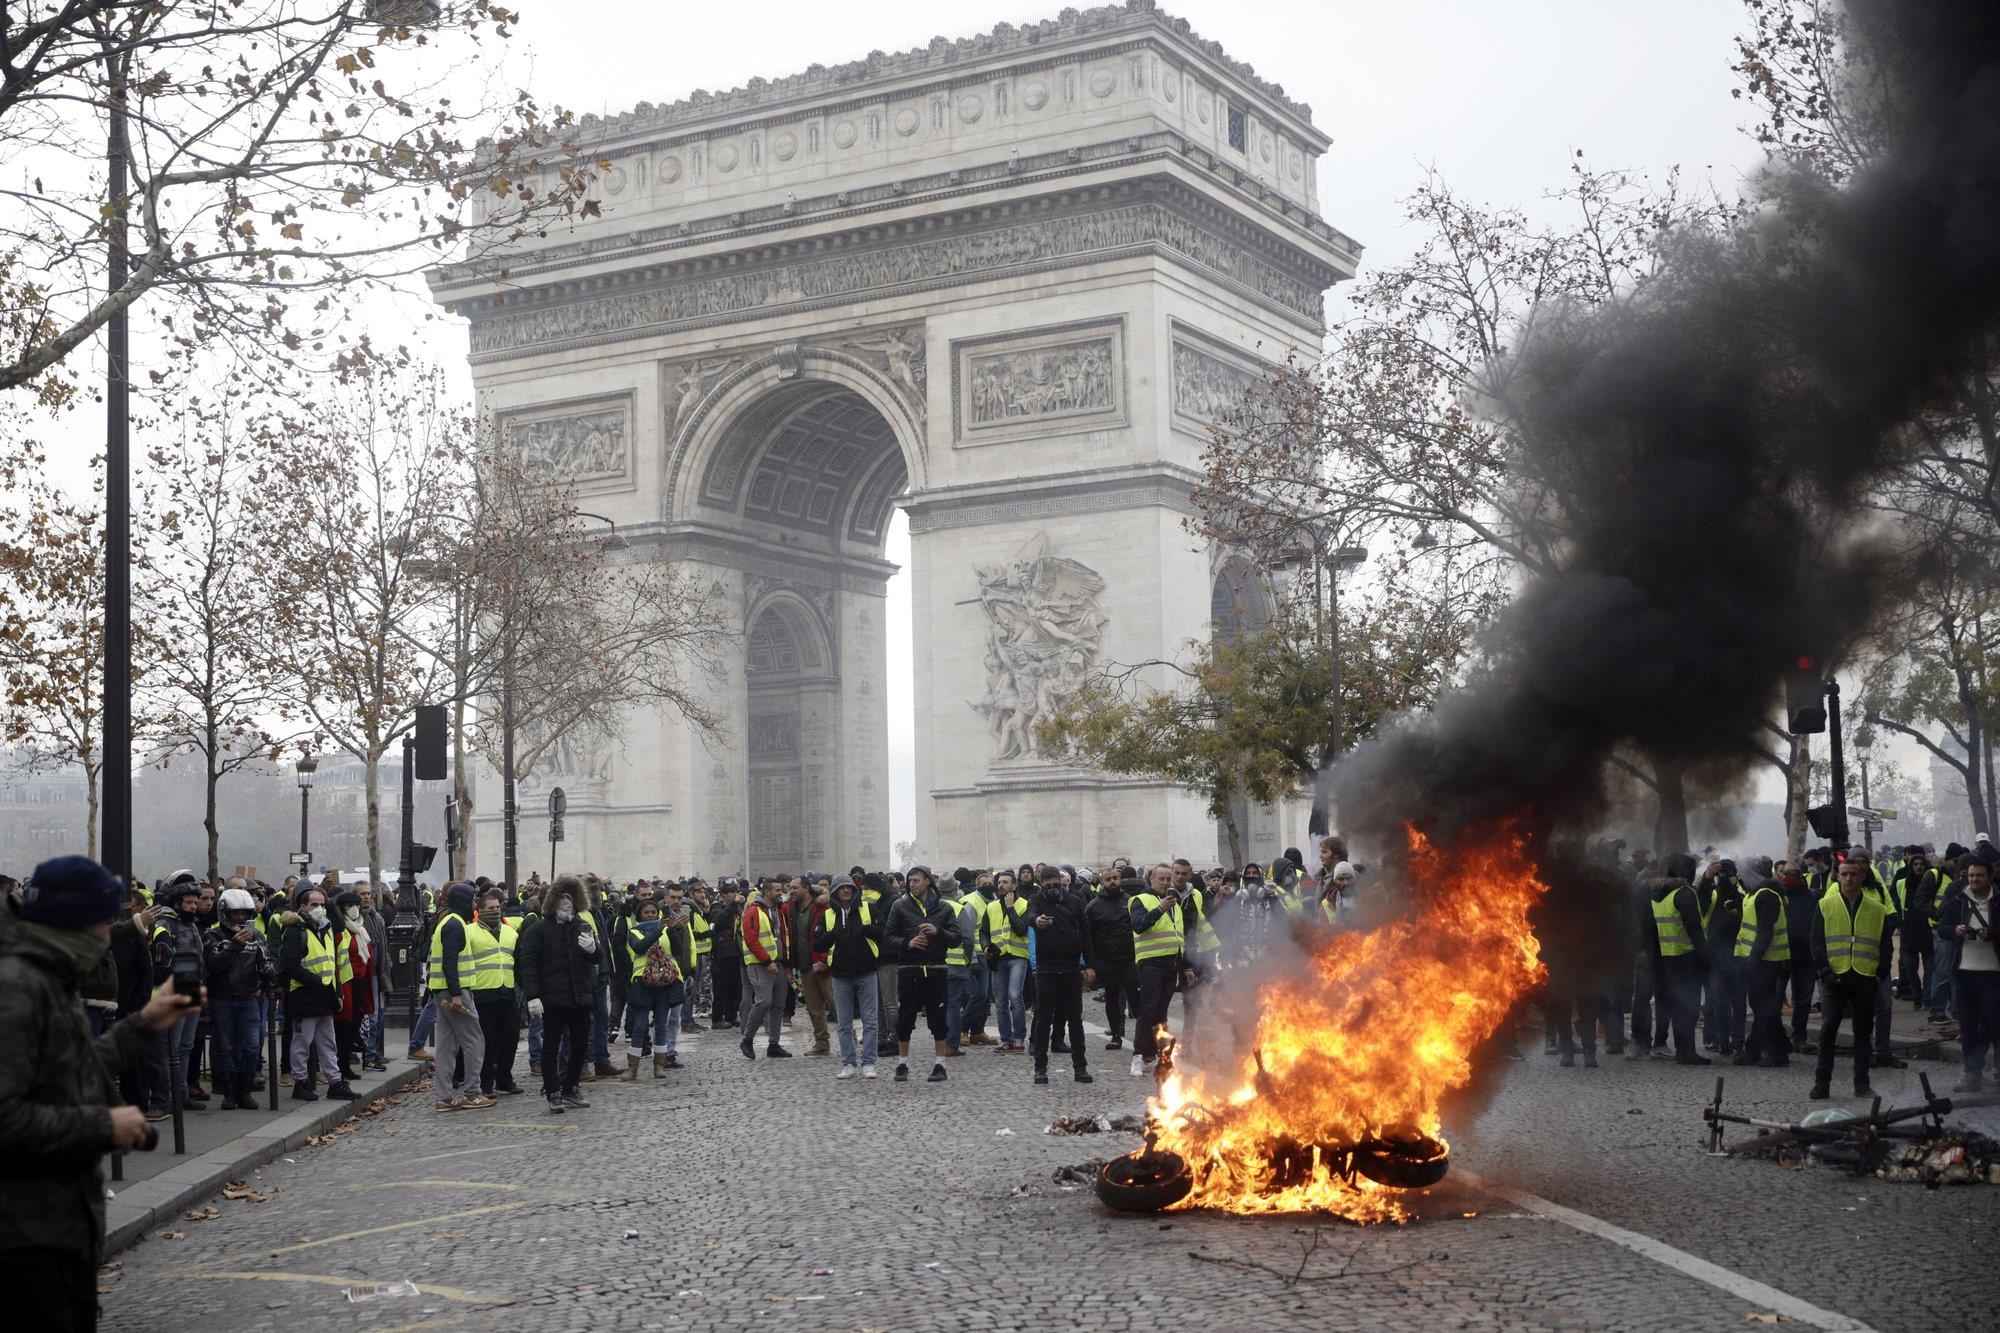 Cảnh sát Paris dùng vòi rồng, lựu đạn cay trấn áp người biểu tình - Hình 3